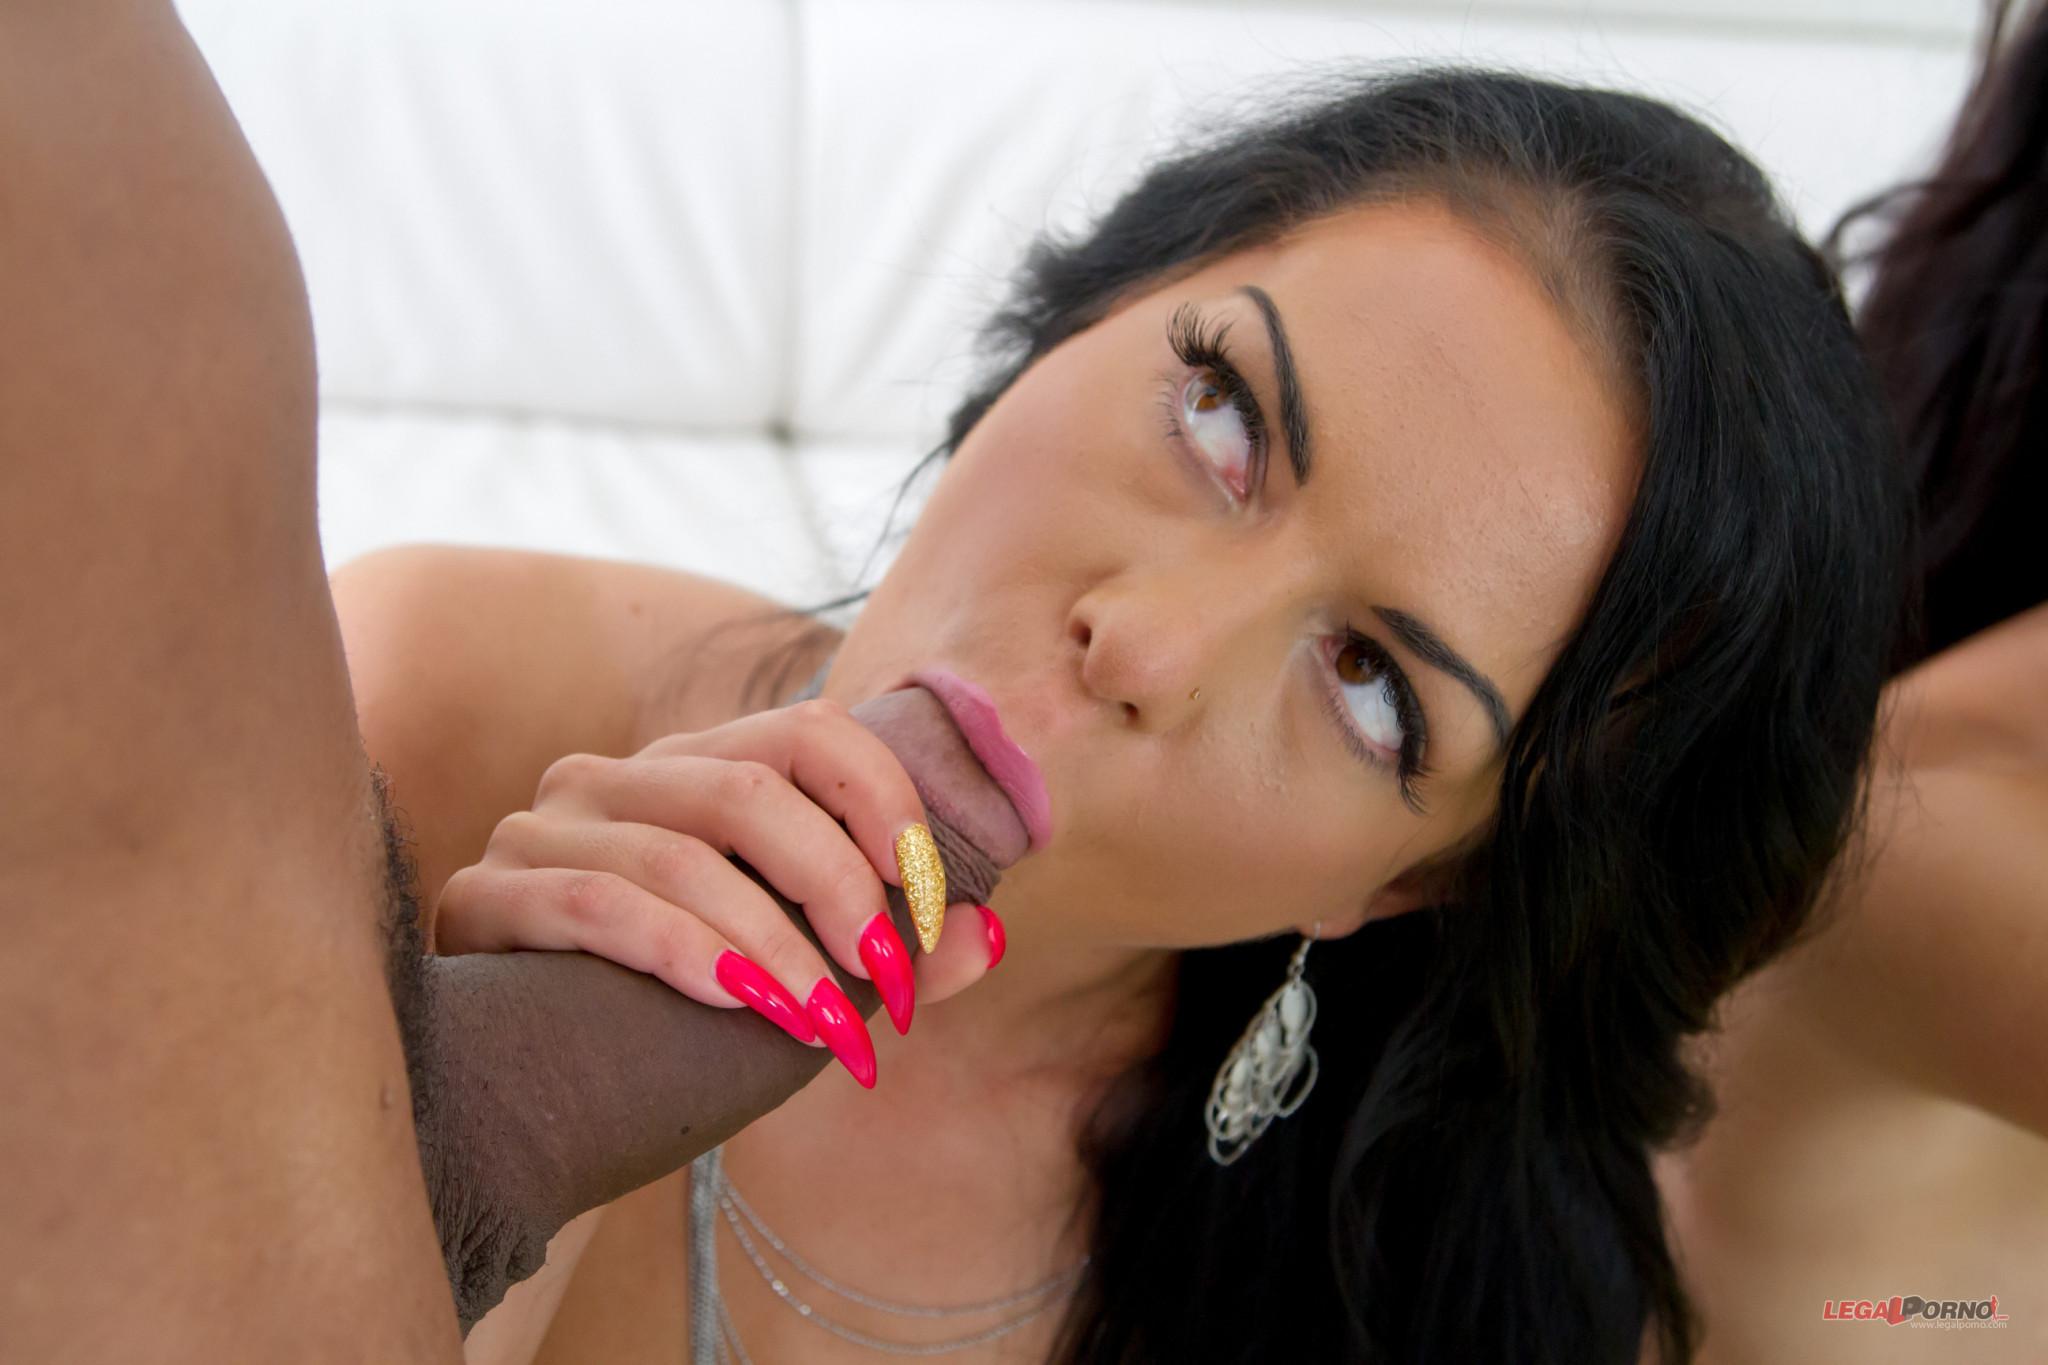 Опытная звезда порно Инга Девил в очередной раз делает минет